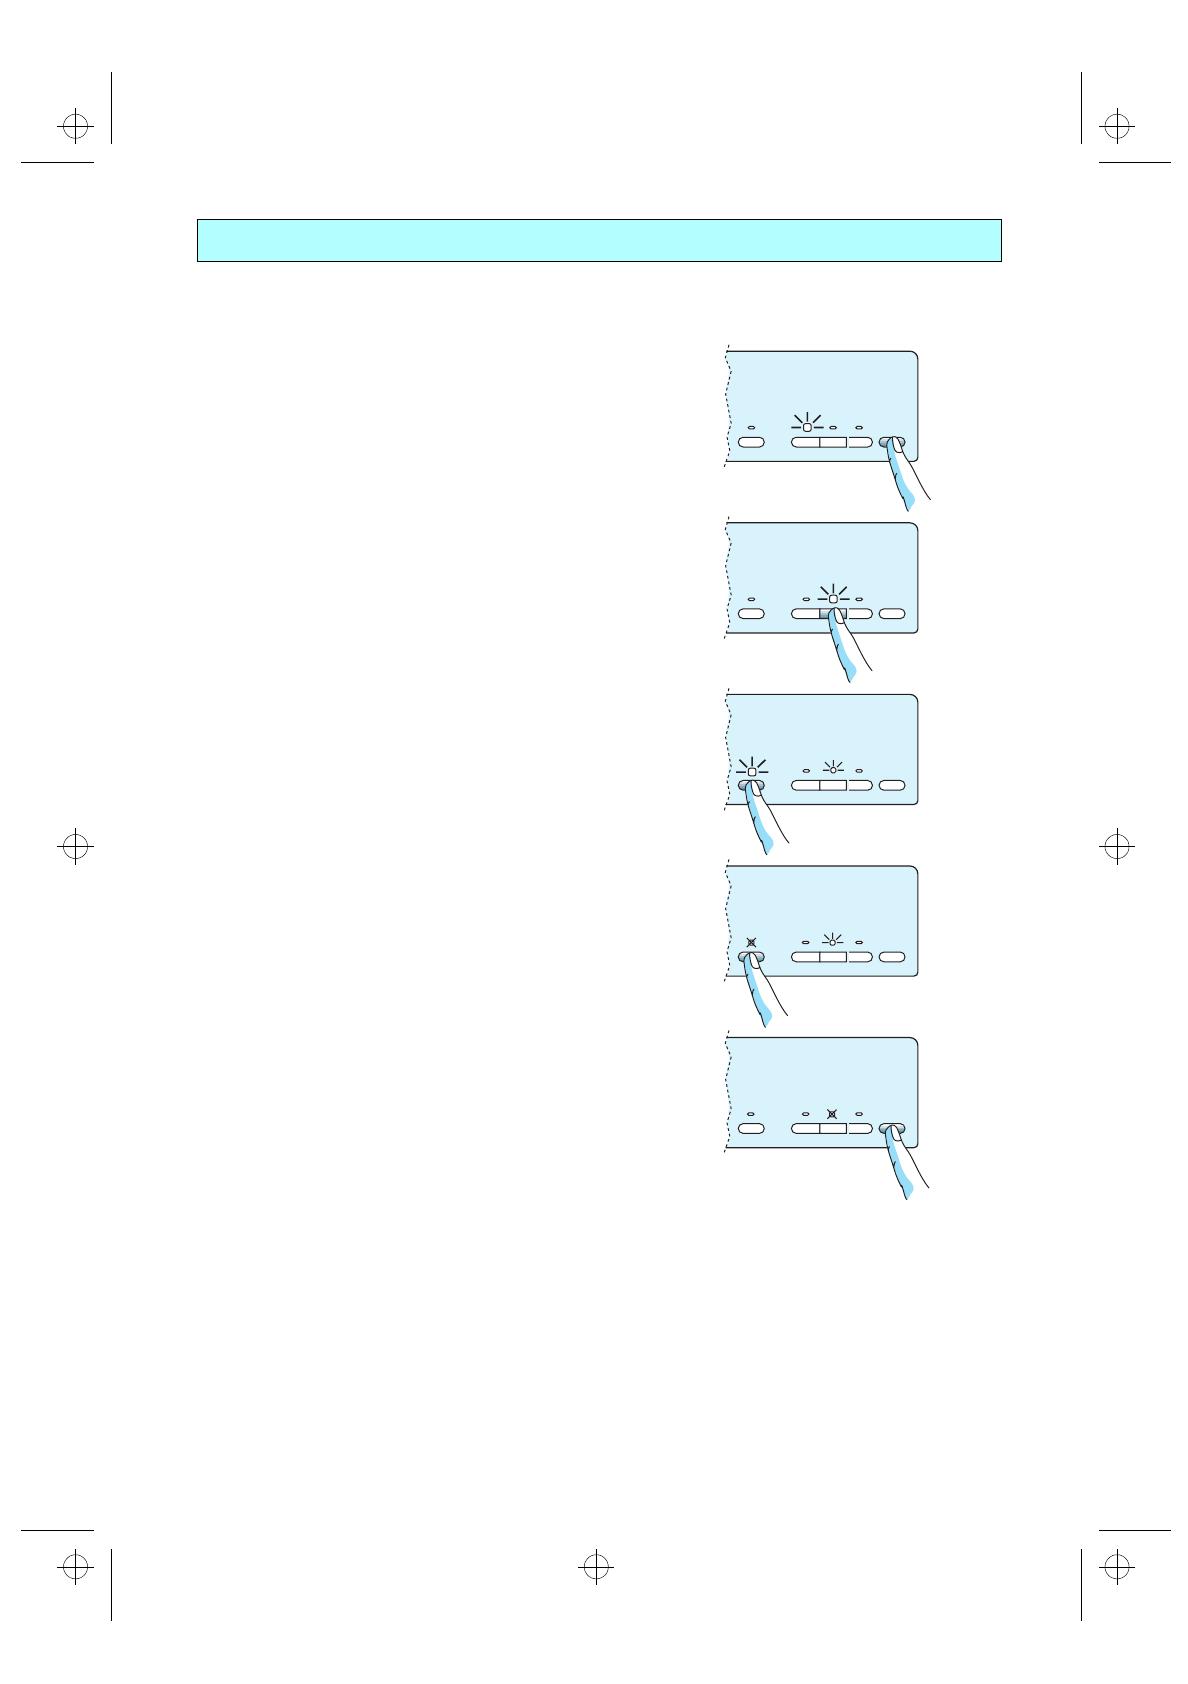 bedienungsanleitung bauknecht gsf 4741 tw ws (seite 6 von  ~ Geschirrspülmaschine Bauknecht